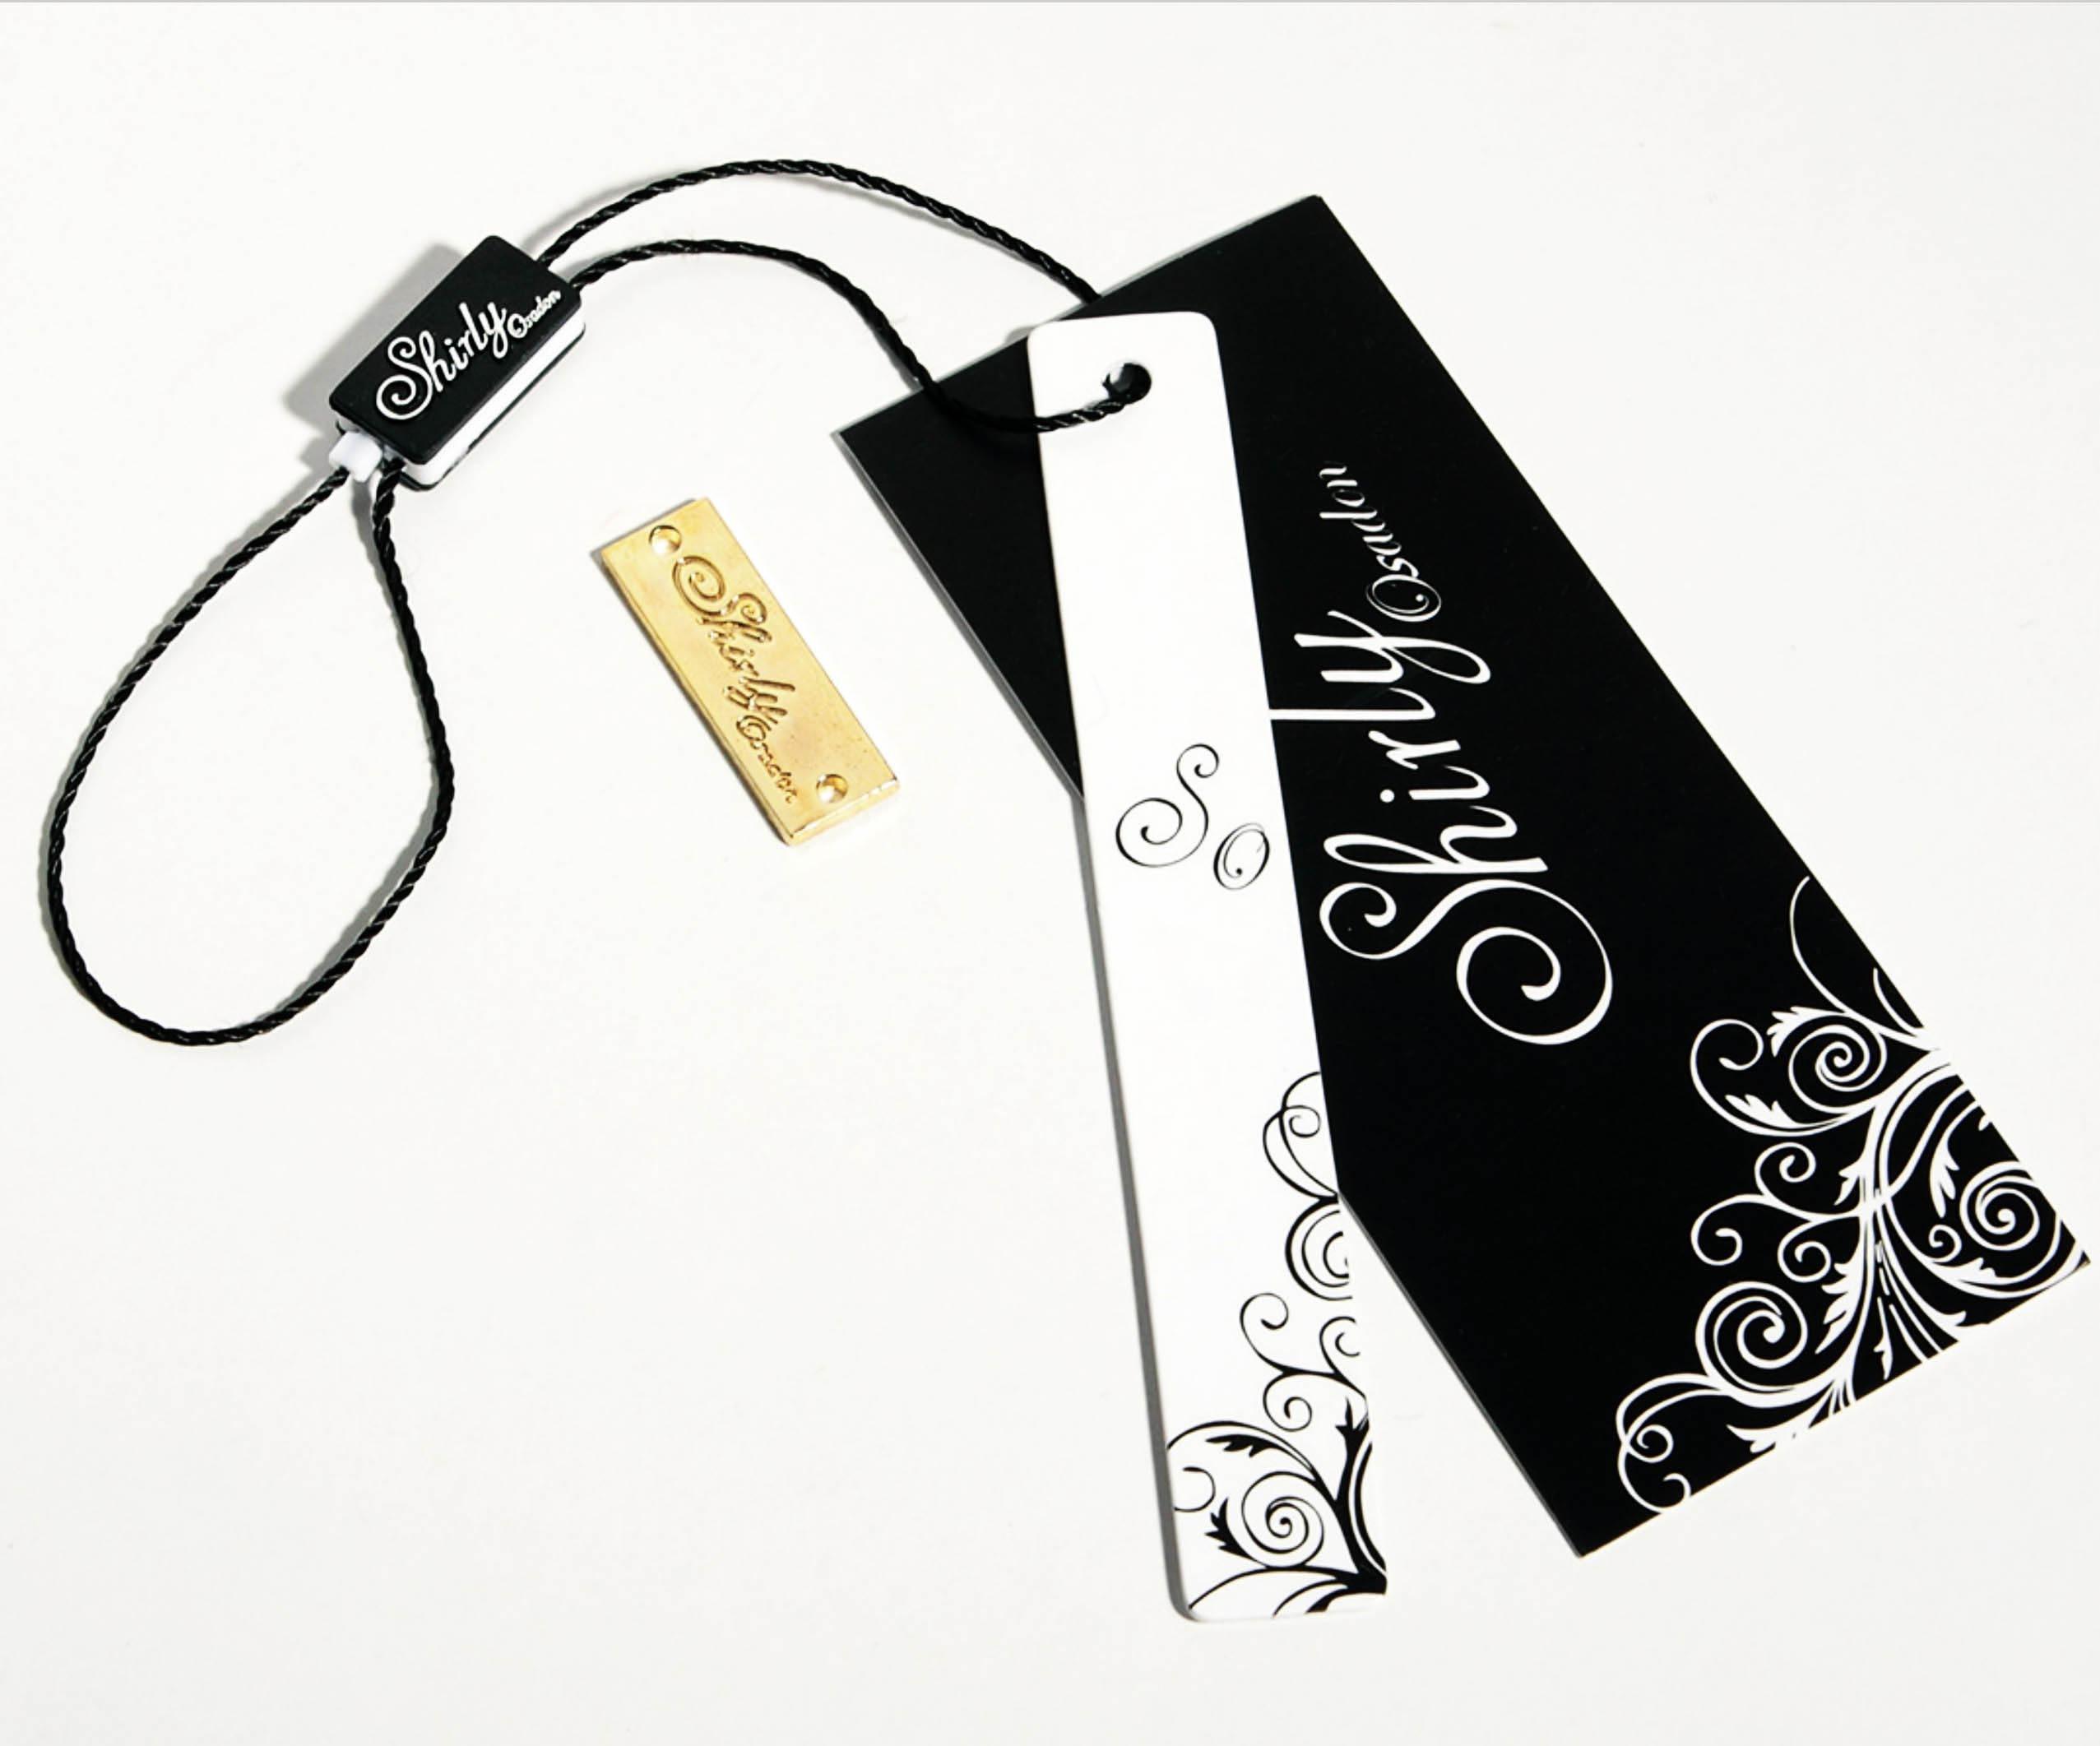 Swing Tag Garment Paper Hangtag, China Clothing Hang Tag, Garment Price Tag